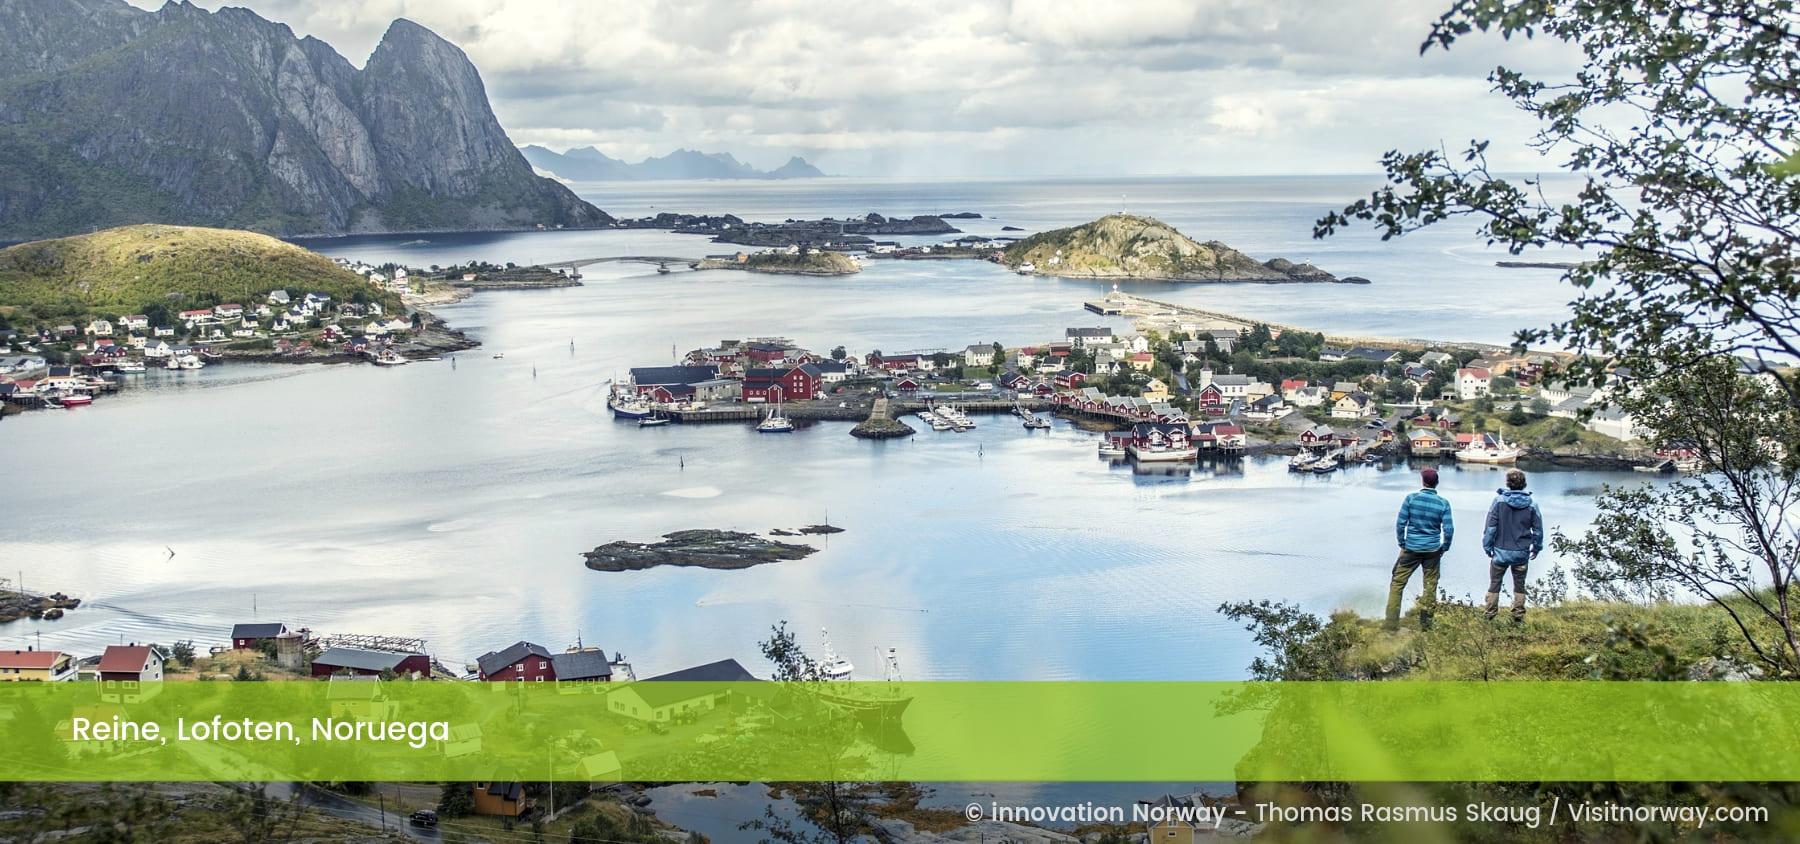 Reine, Lofoten, Noruega